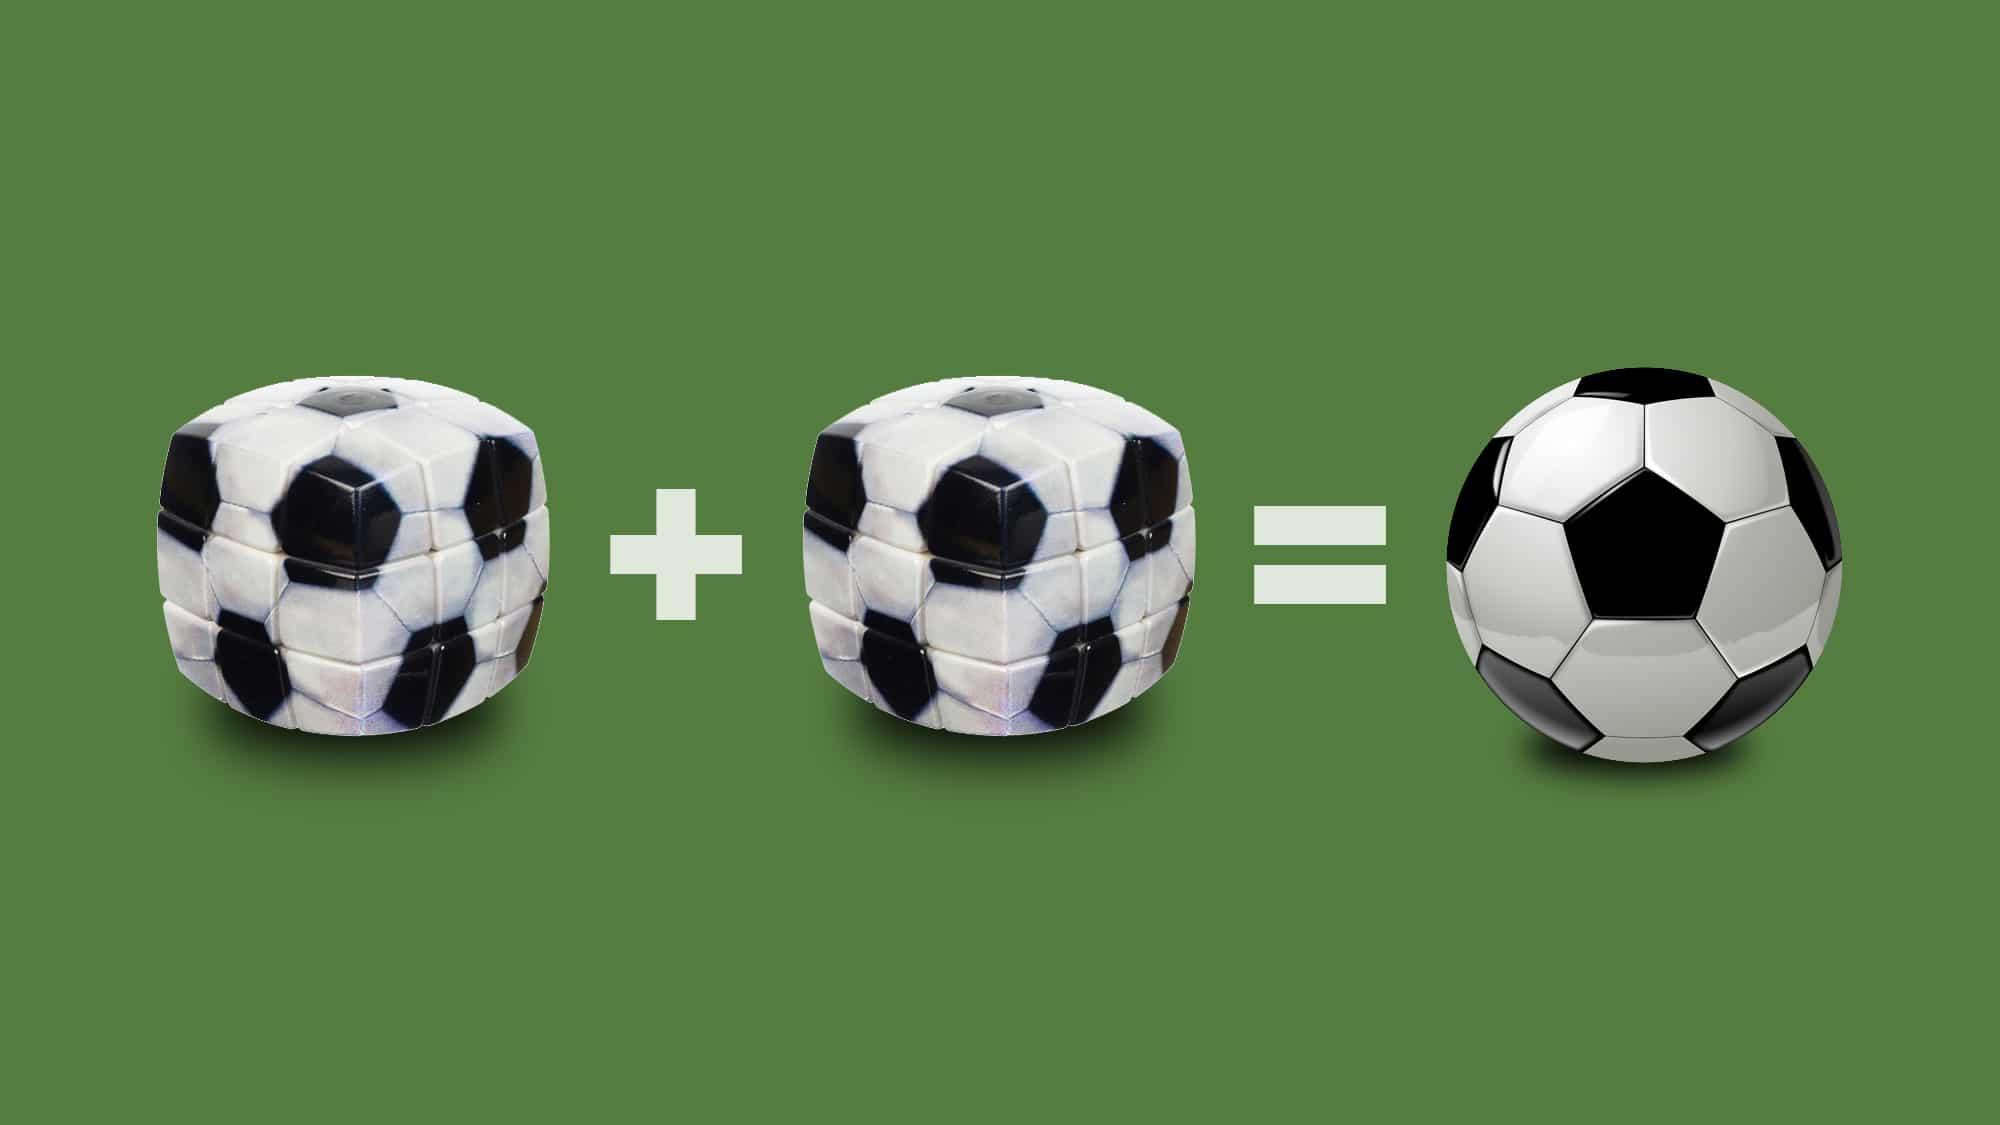 Wie die Quadratur des Kreises: Die Modusdiskussion im Schweizer Fussball, die zum Ergebnis führte, dass alles beim Status qu